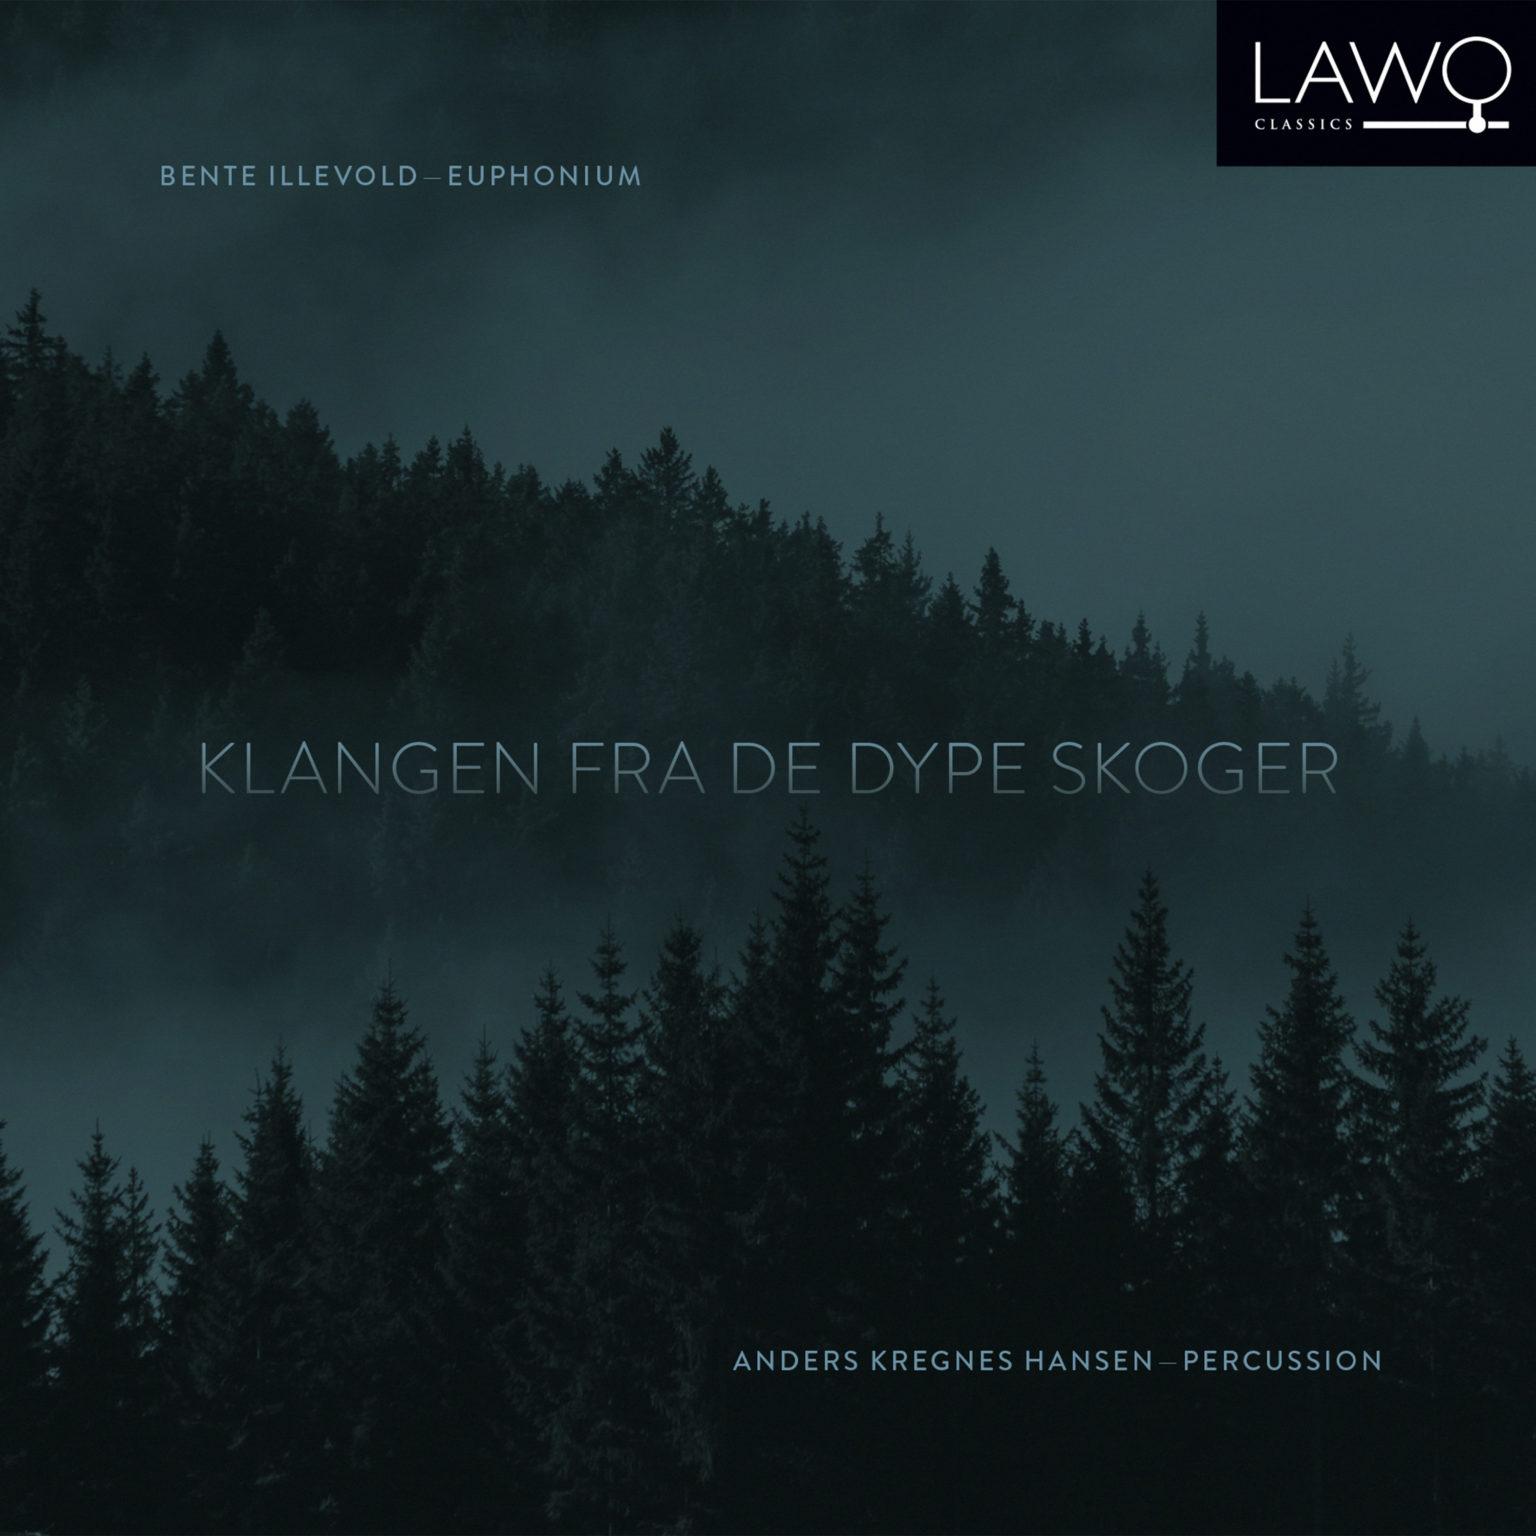 Click image for larger version.  Name:LWC1195_Bente_Illevold_Klangen_fra_de_dype_skoger_cover_3000x3000px-1536x1536.jpg Views:550 Size:174.8 KB ID:7720